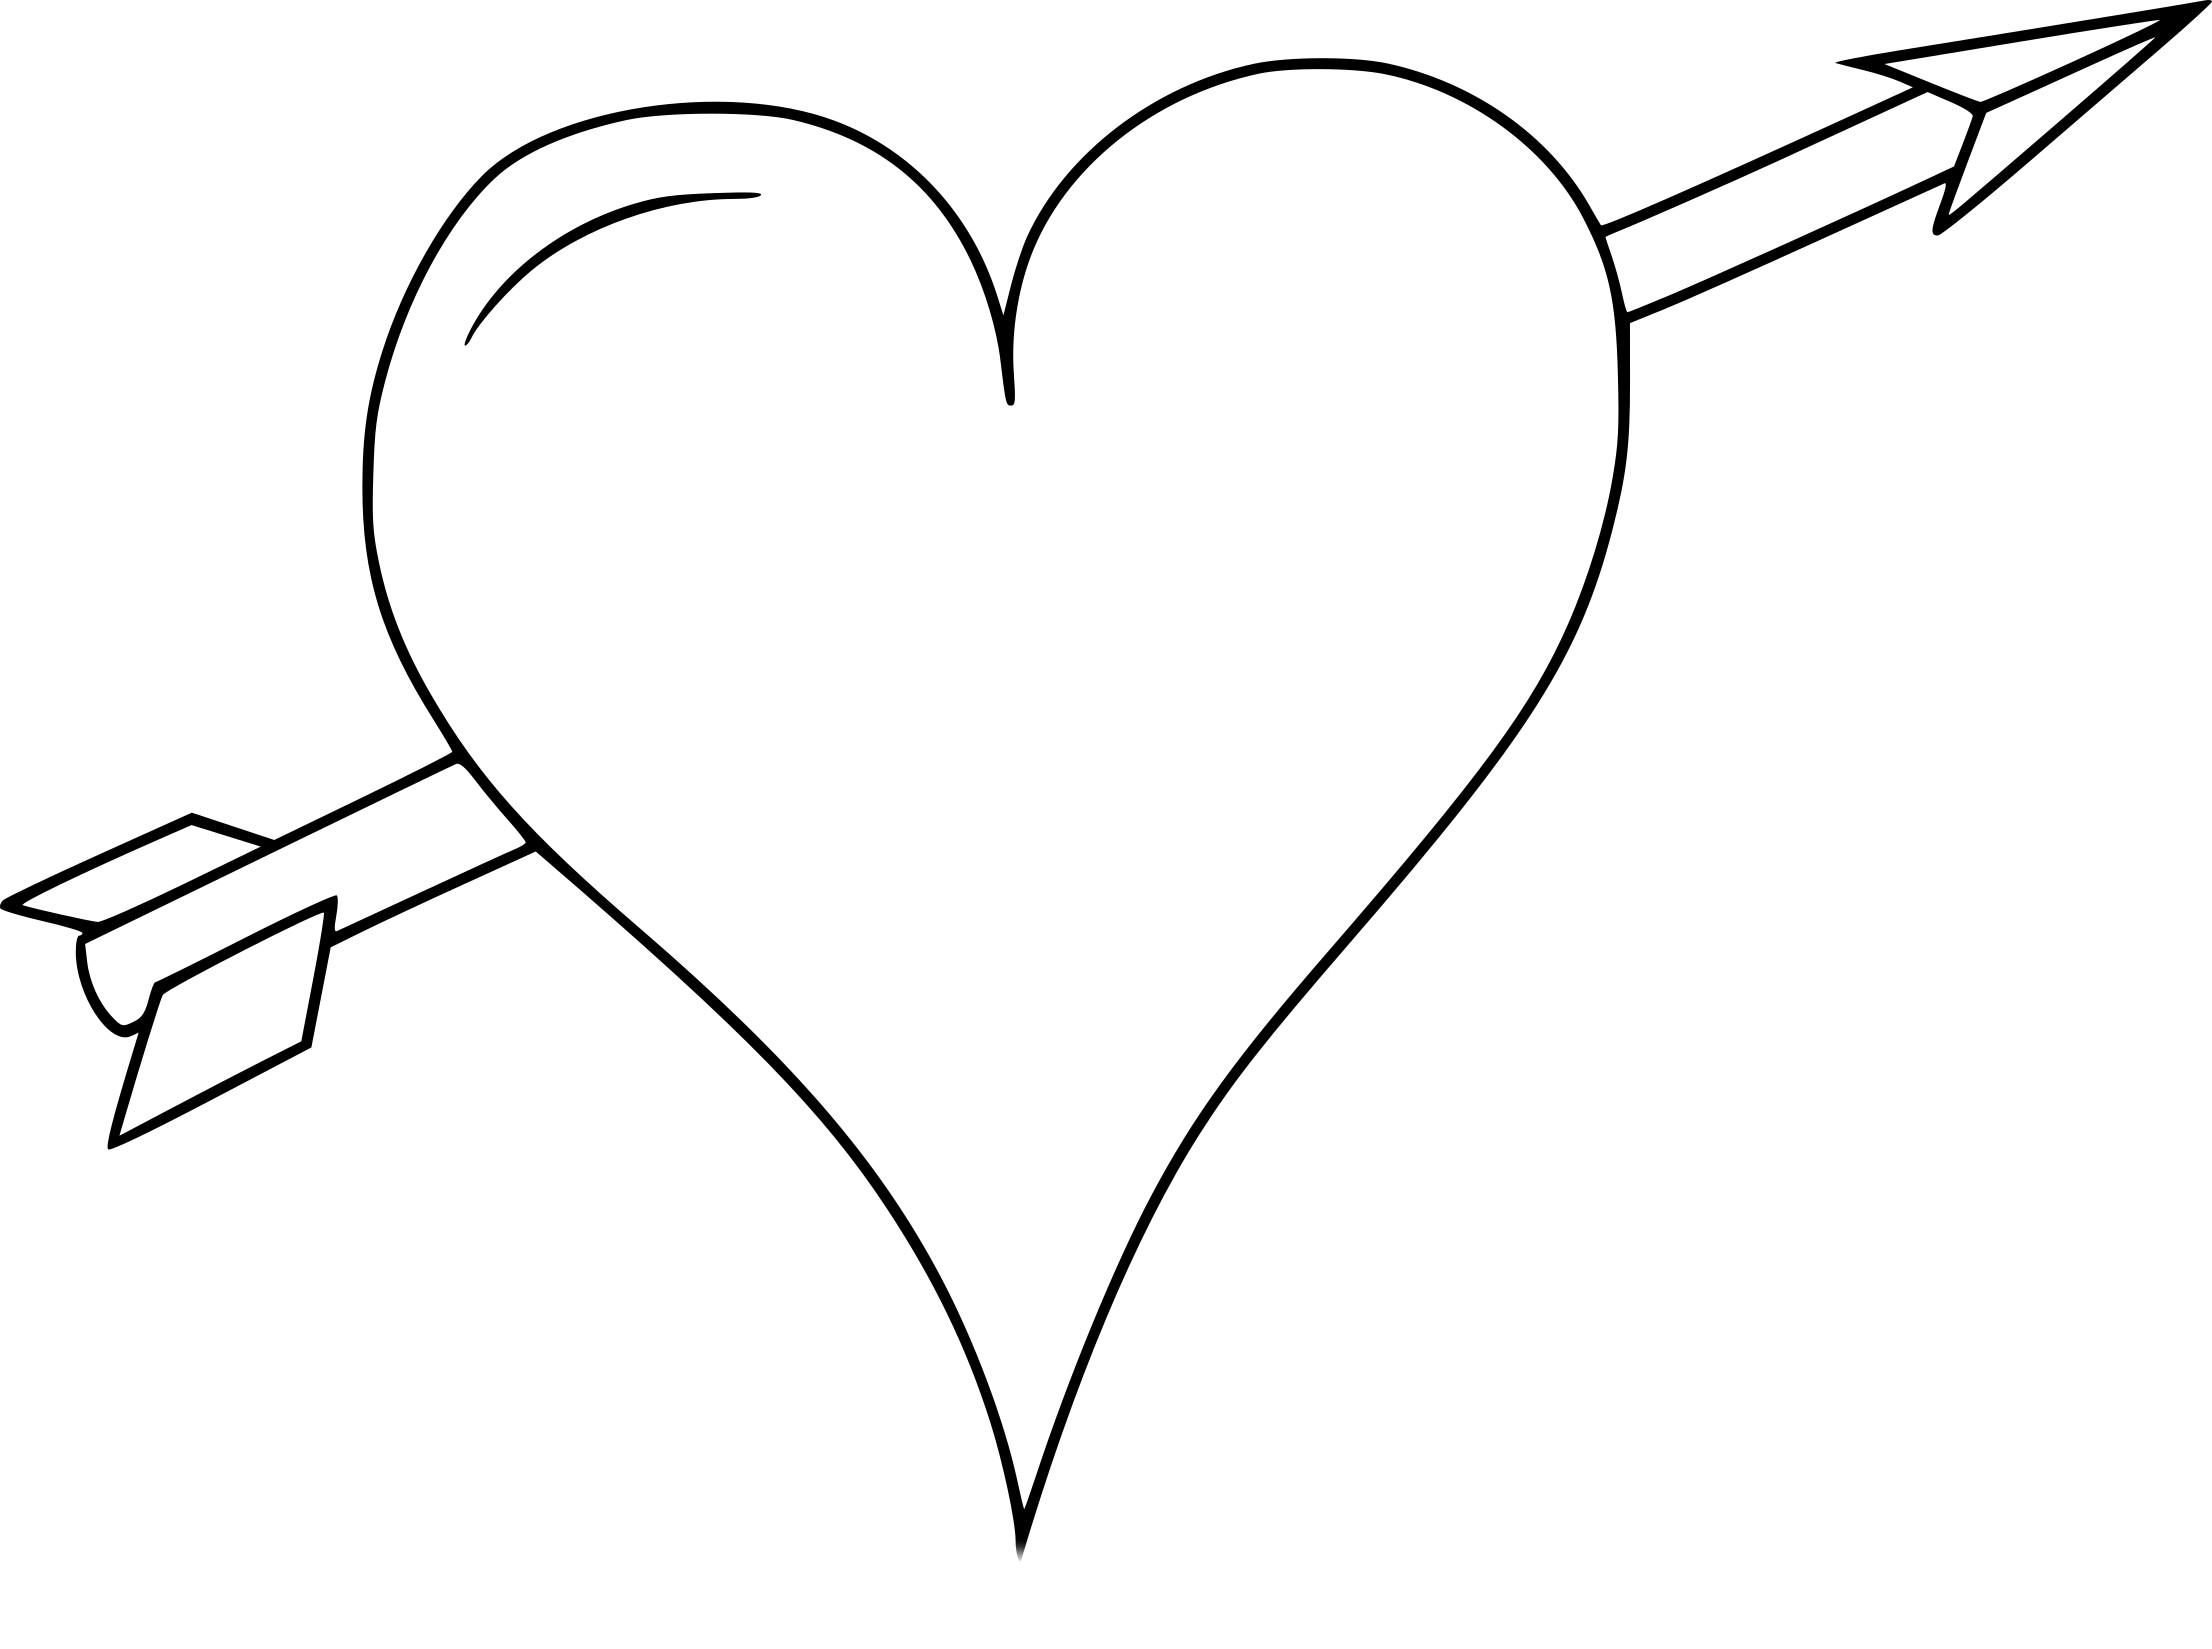 Coloriage coeur avec une fl che imprimer - Image de coeur a colorier ...